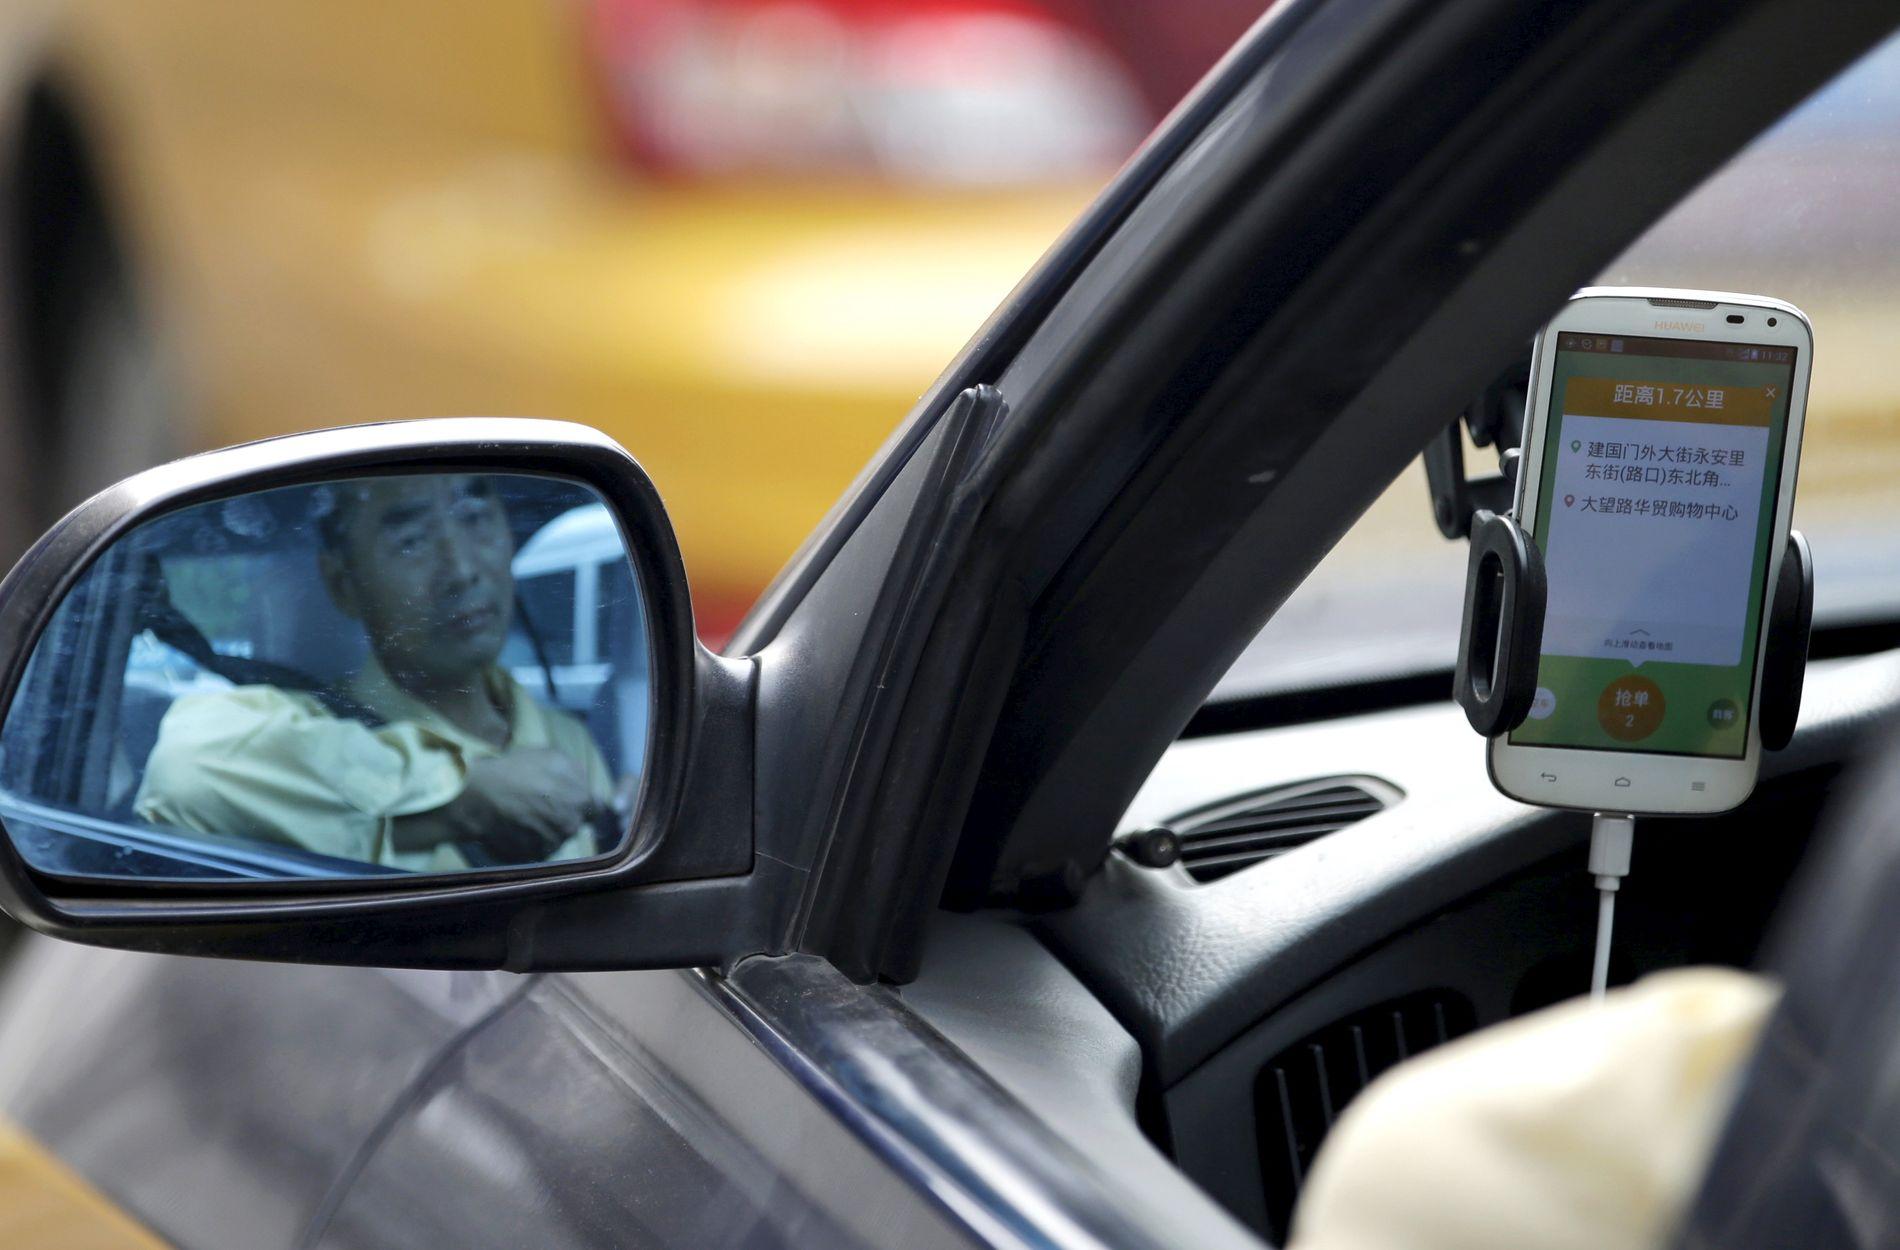 PERSONTRANSPORT: Didi har parkert sin samkjøringstjeneste Hitch etter at en bruker ble voldtatt og drept. Her er et et illustrasjonsbilde av tjenesten, tatt i Bejjing i 2015. Mannen på bildet har ikke noe med hendelsene å gjøre.